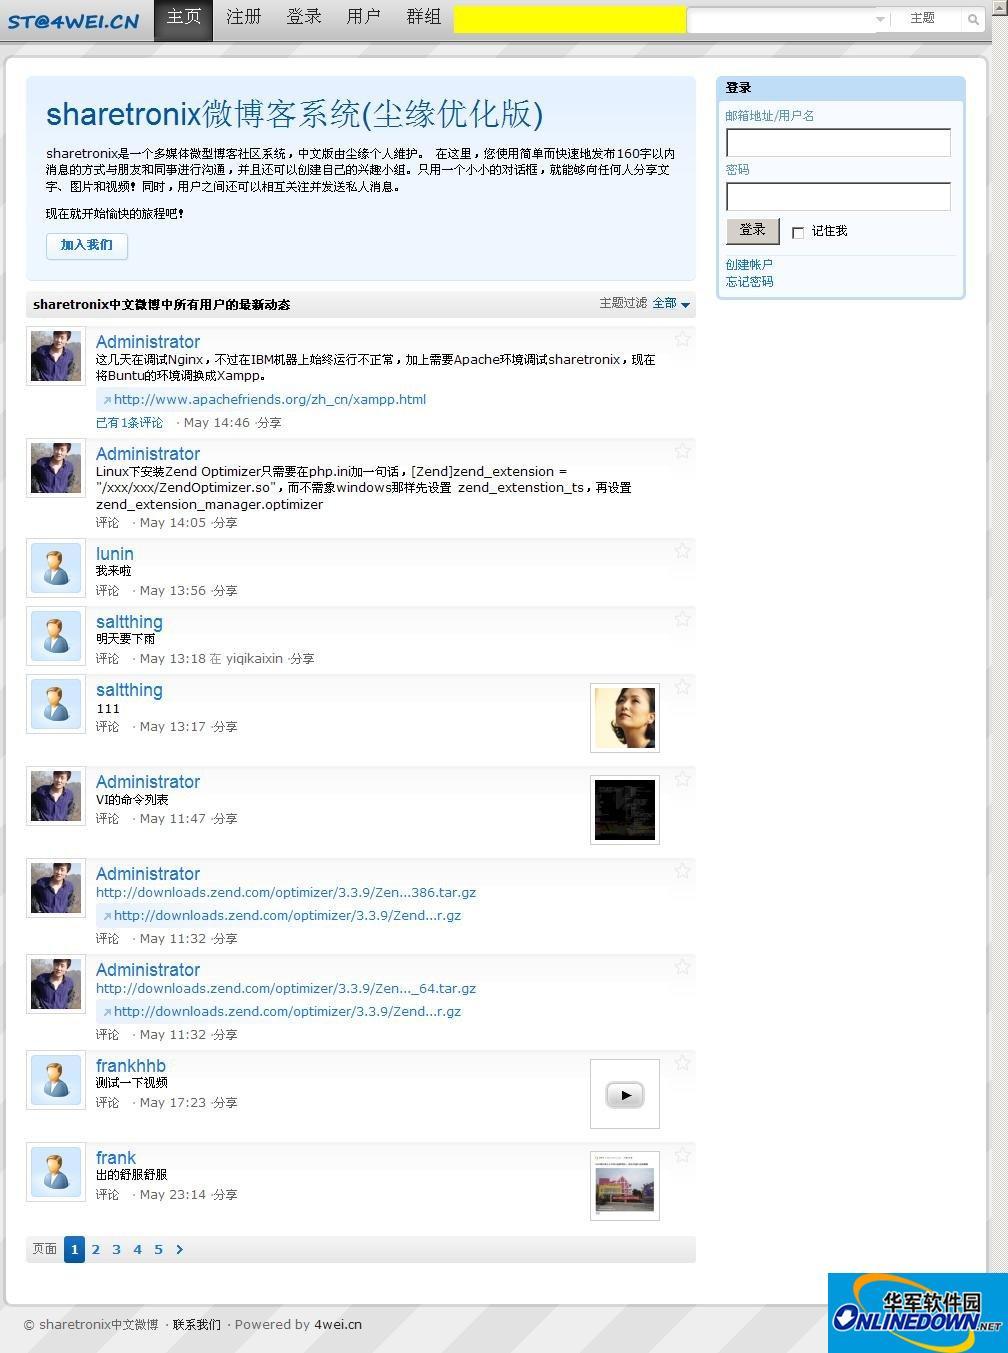 sharetronix 微博客系统(尘缘优化版)